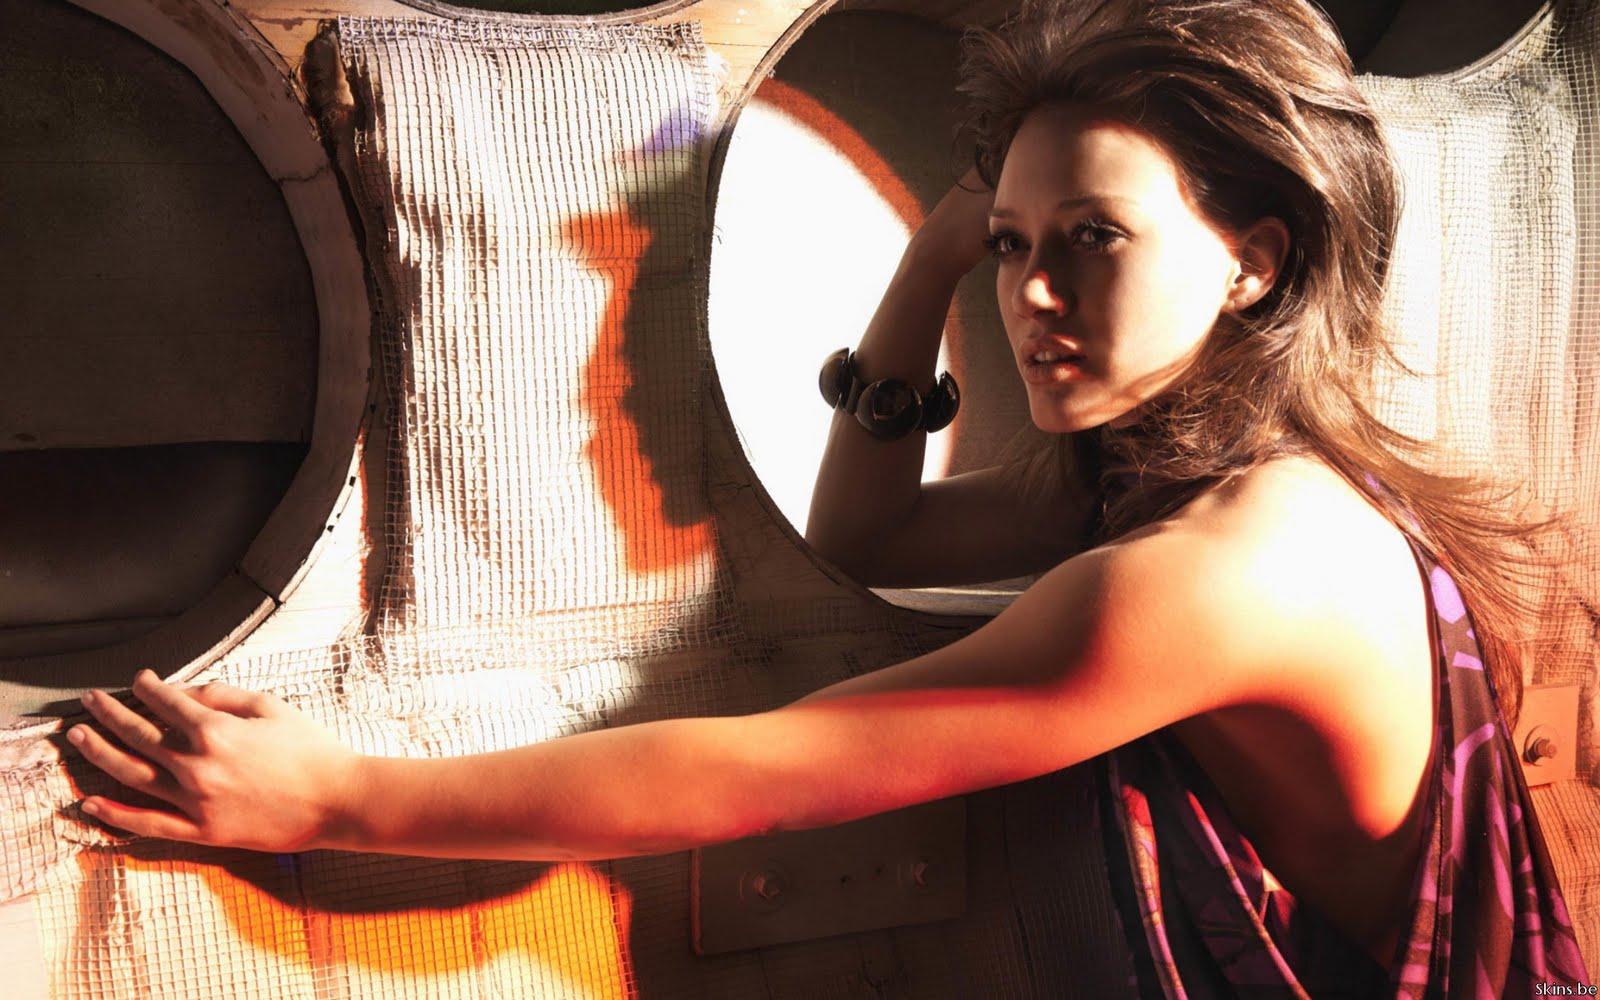 http://2.bp.blogspot.com/-HTcN8yzQxfo/Tdf8MDgCN4I/AAAAAAAAA4w/n-gxgiFAJ3M/s1600/Hilary+Duff+hd+wallpaper.jpg